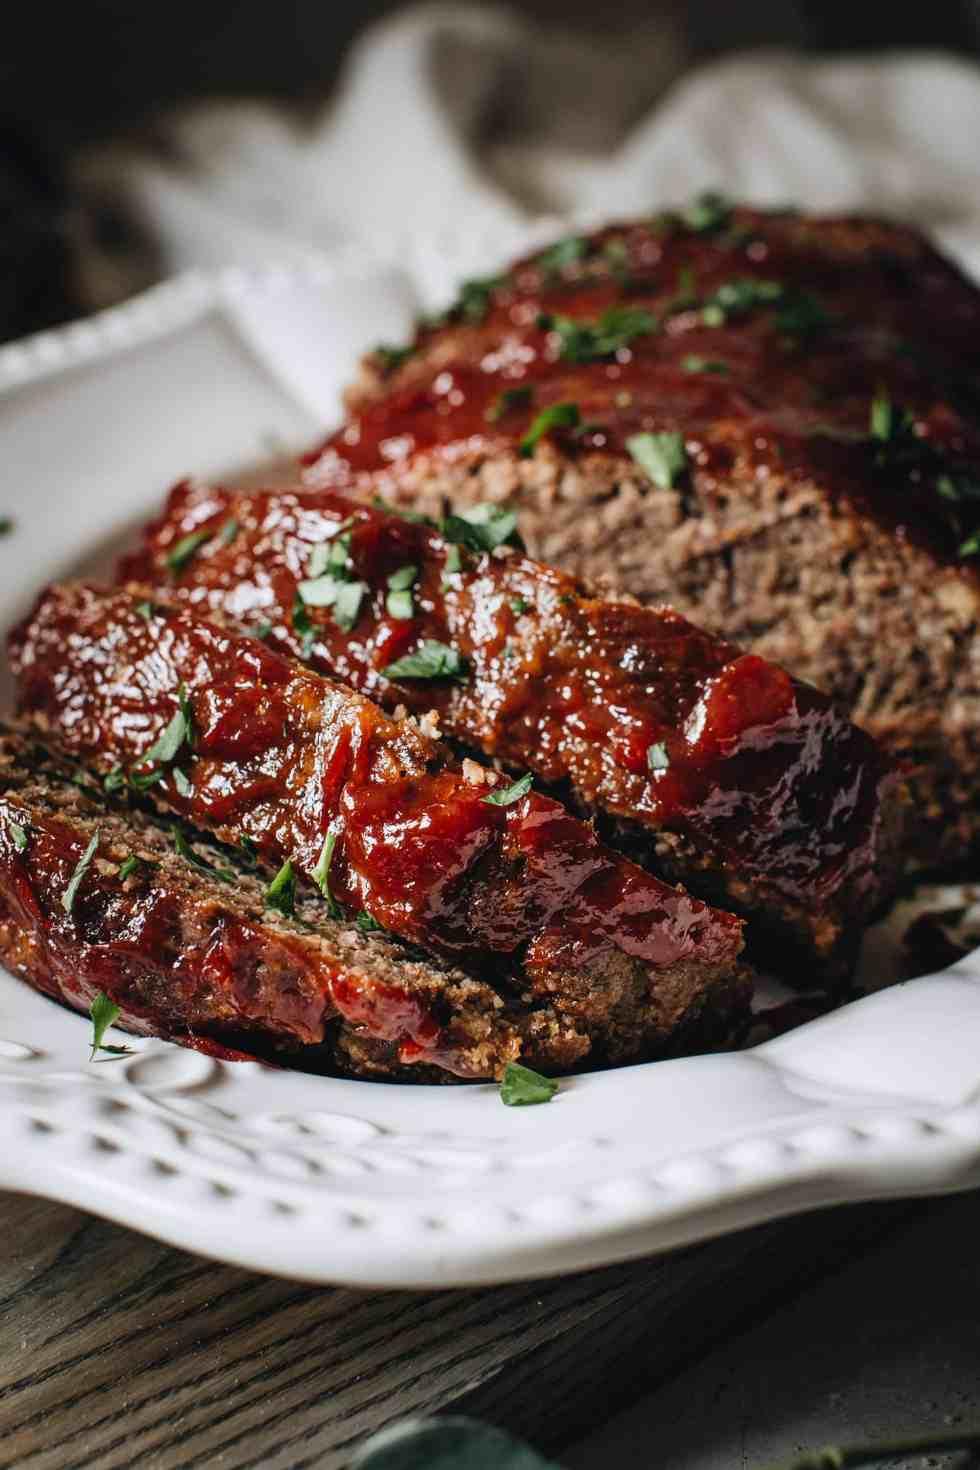 Image of sliced meatloaf on white platter